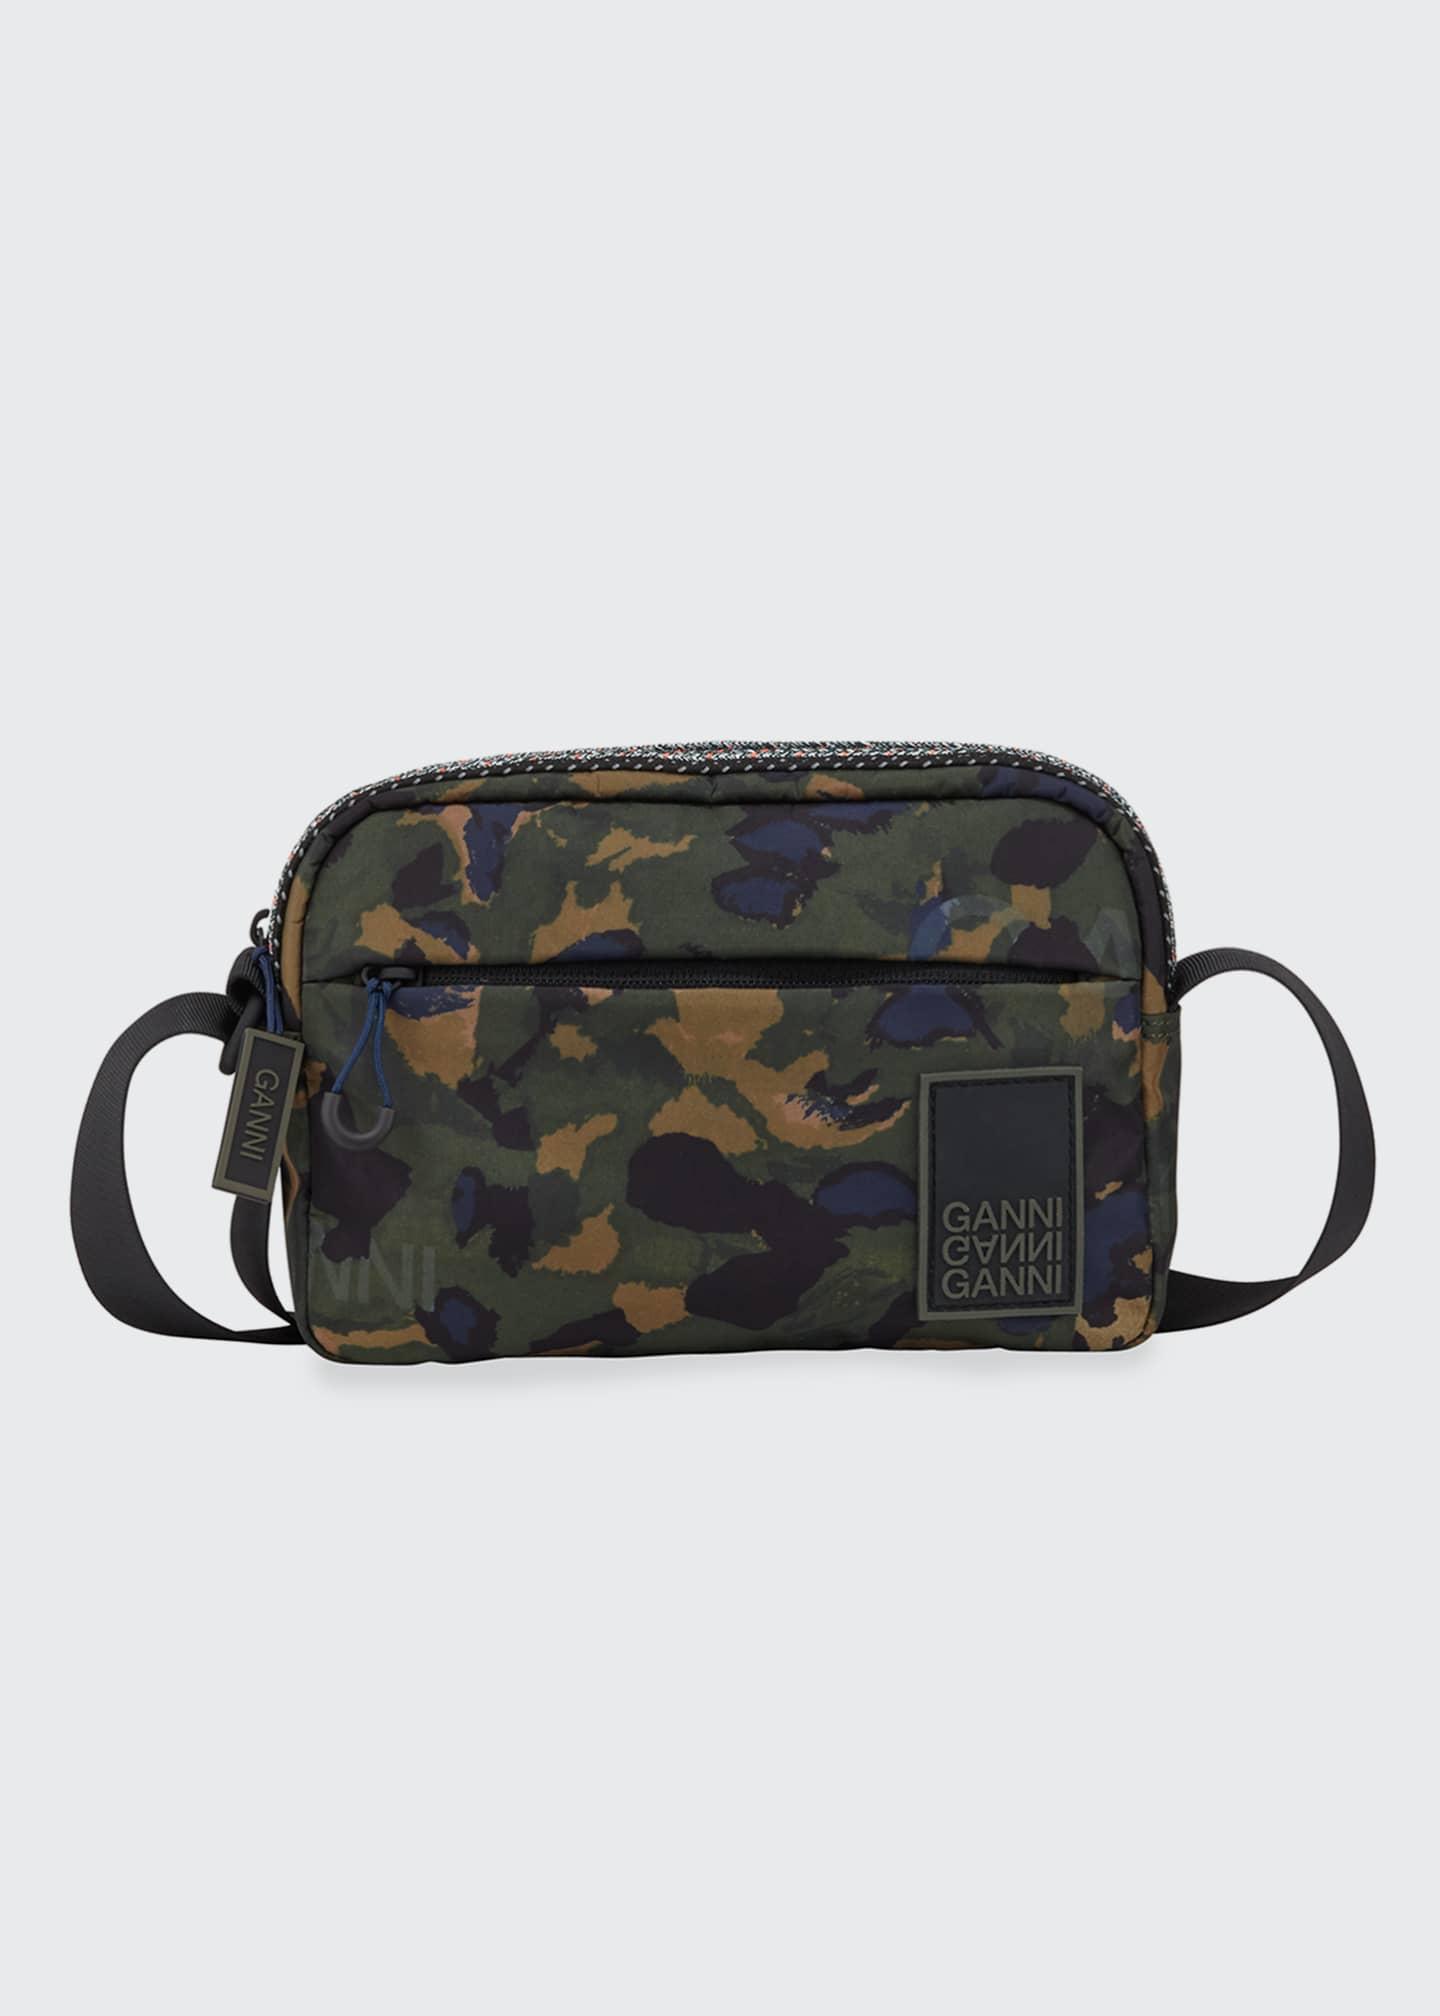 Ganni Nylon Crossbody Camo Bag